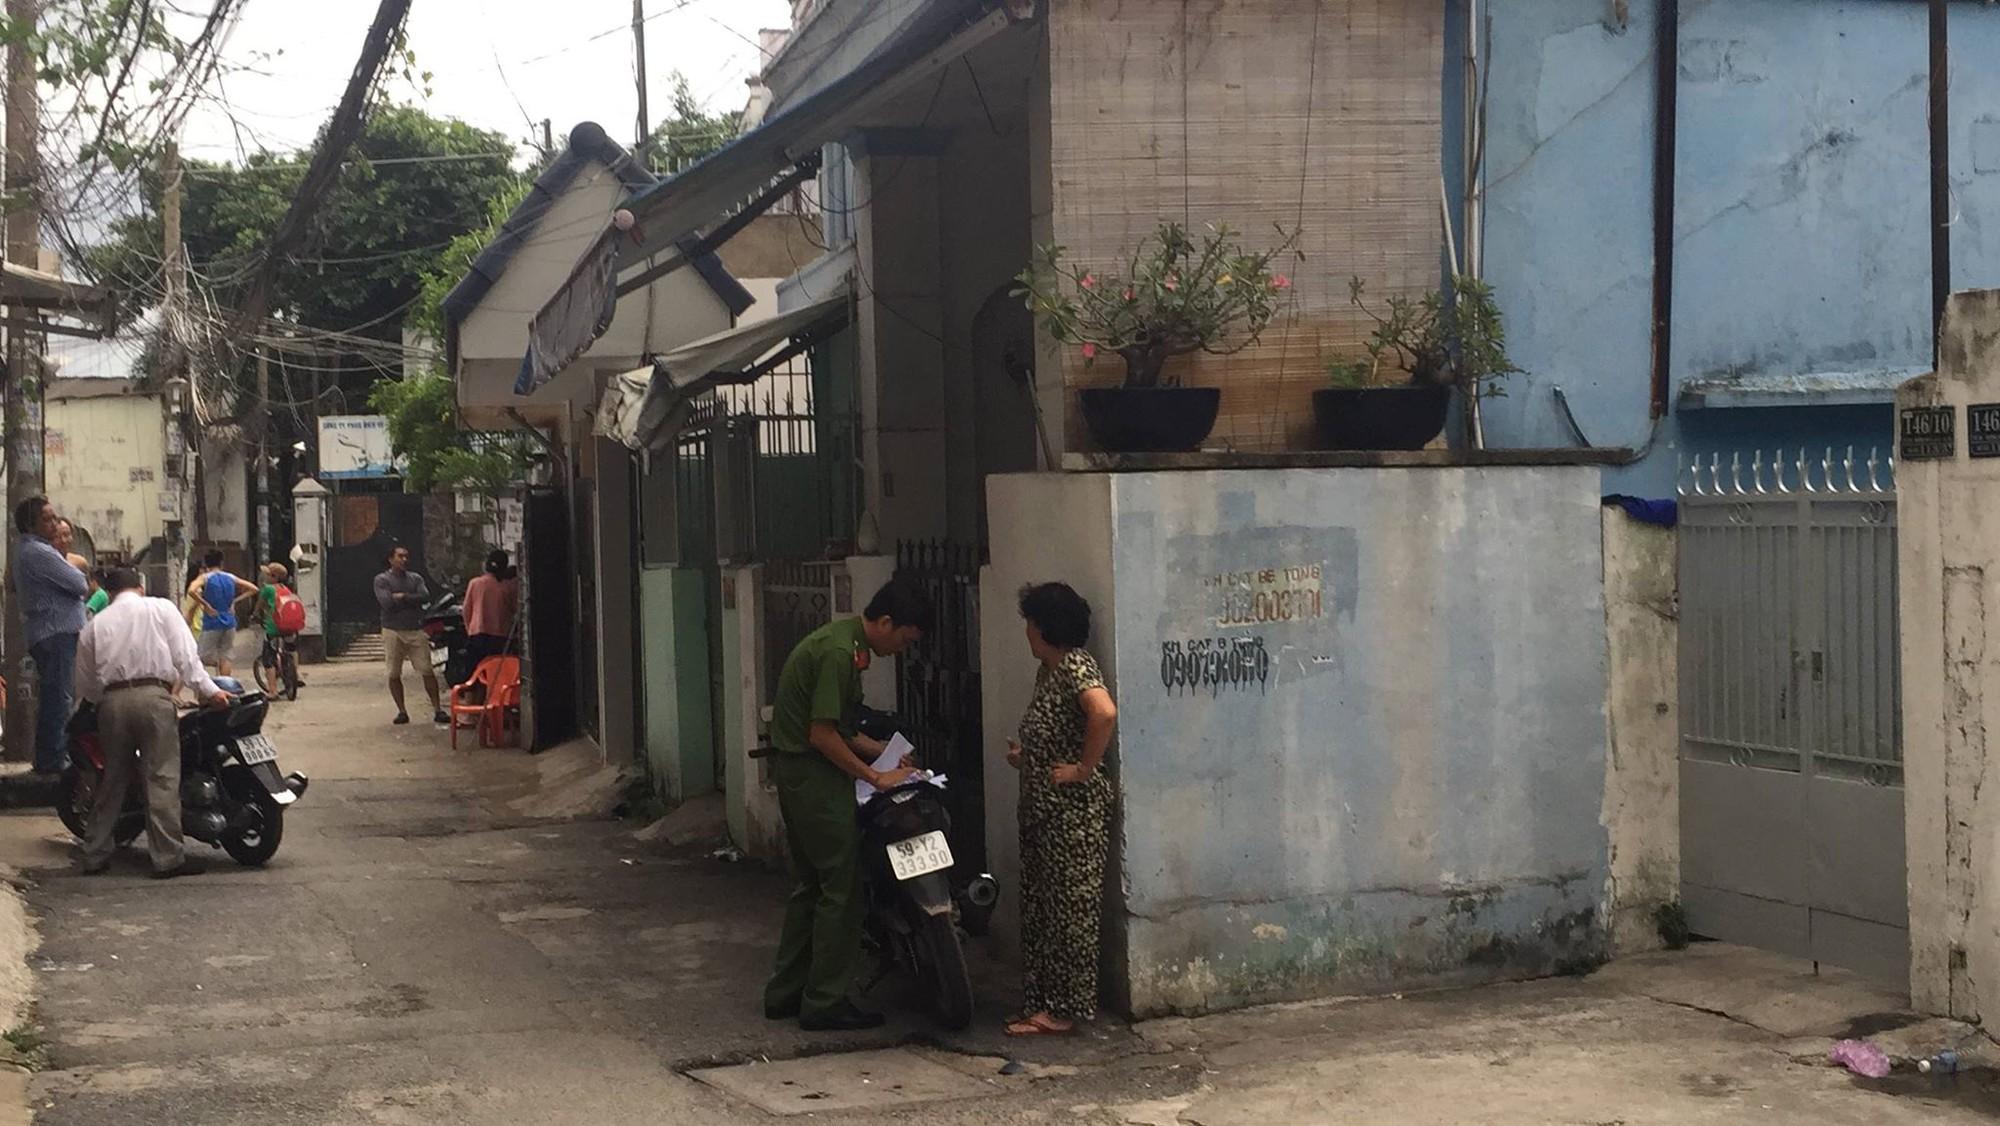 Vụ giết người chặt xác ở Sài Gòn: Nghi phạm ngủ chung với thi thể bạn gái suốt 8 tiếng - Ảnh 3.